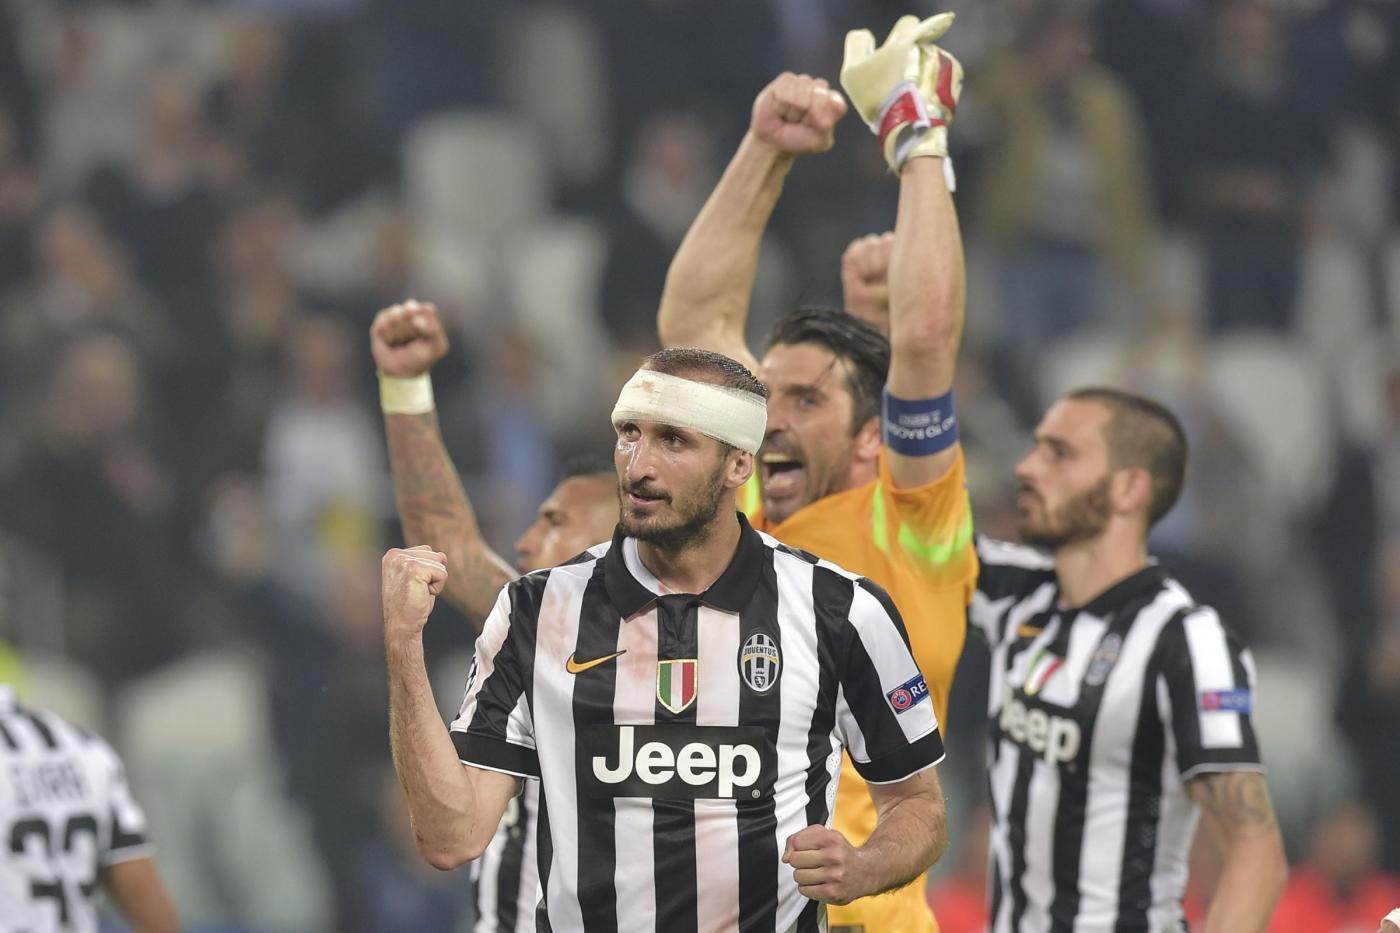 Champions League: Juventus vs Real Madrid 2-1, la finale non è un sogno